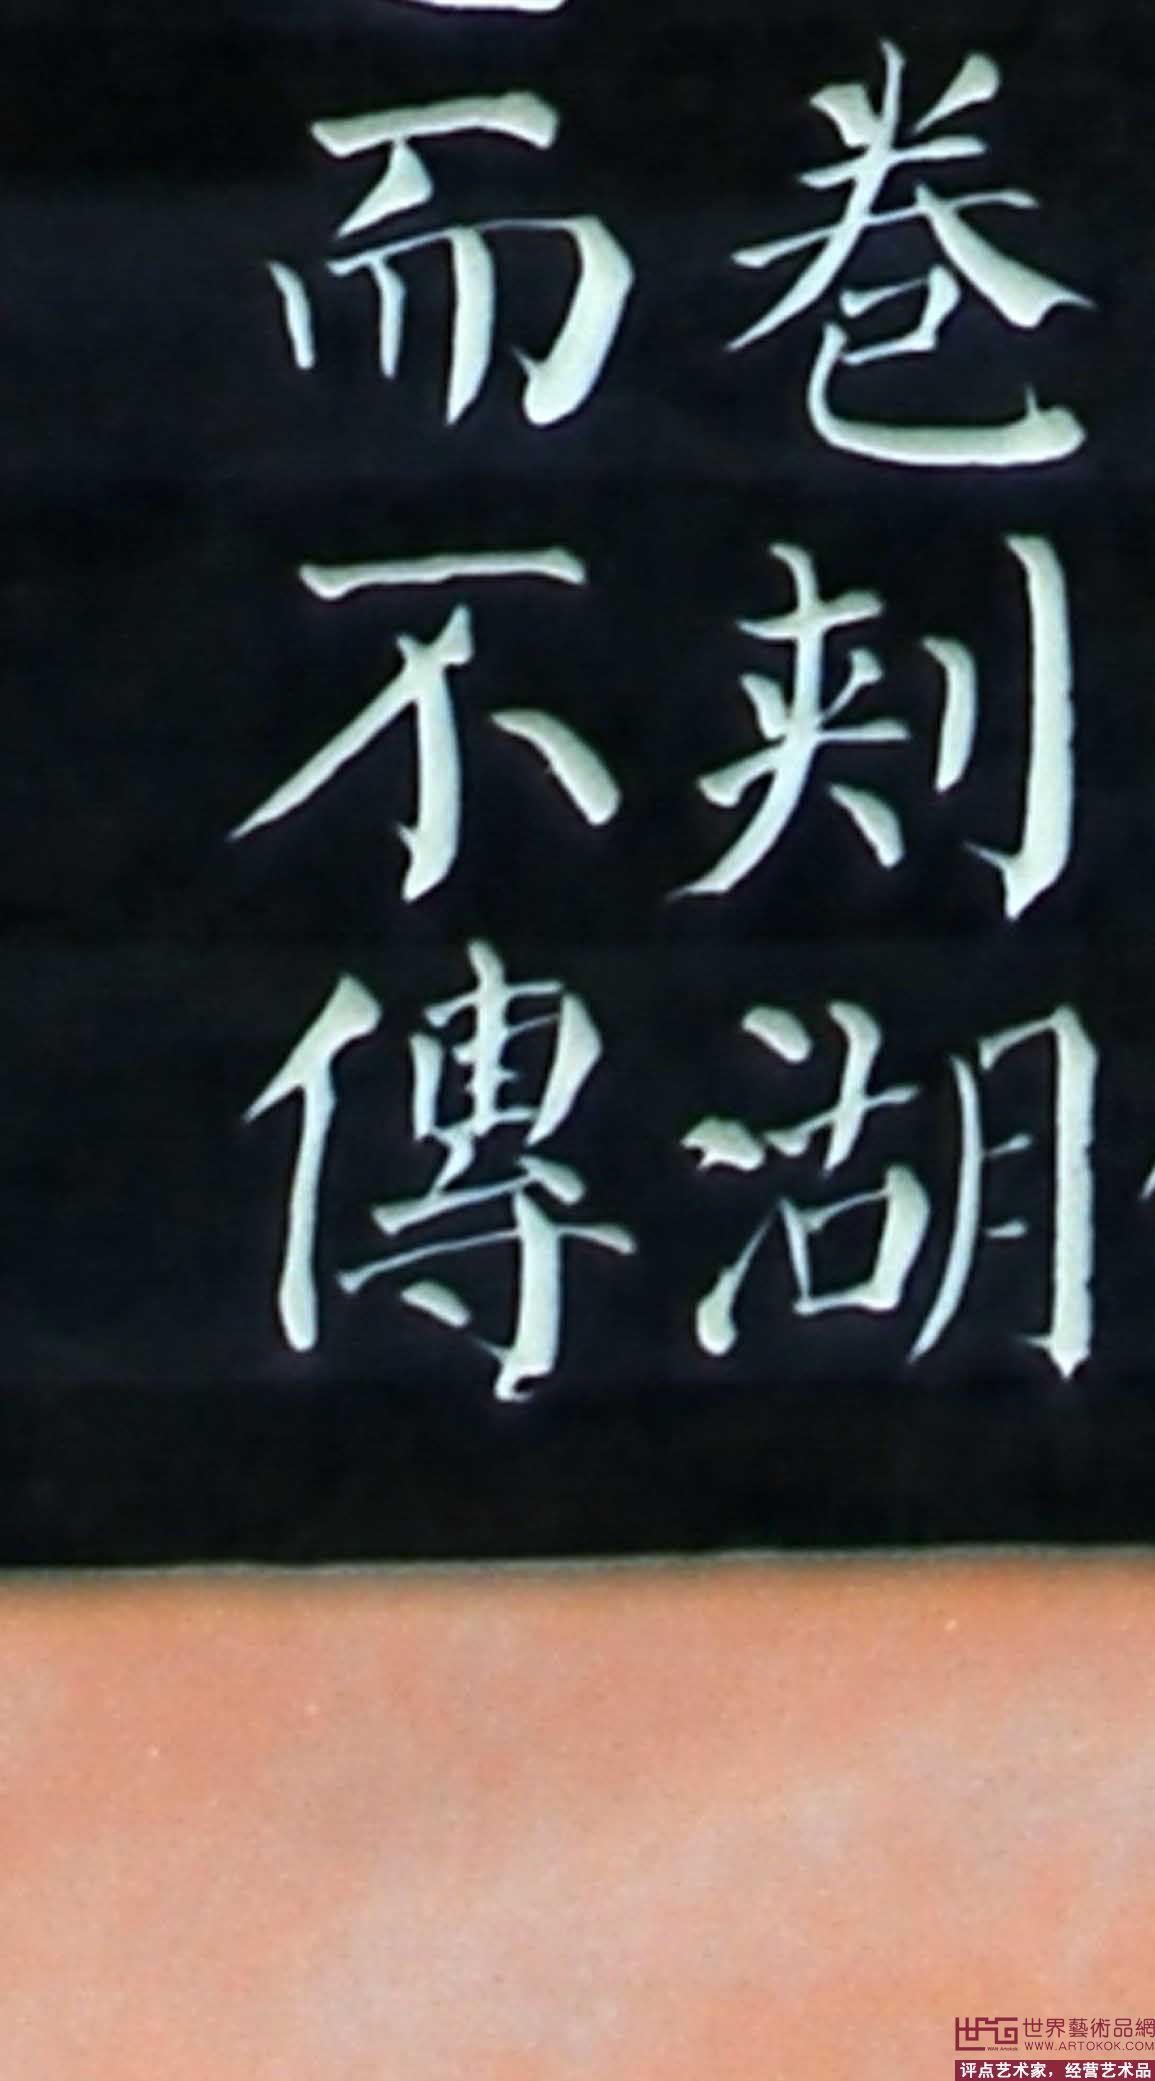 咸忠颜体楷书宋留元刚之《颜真卿文集后序》图片